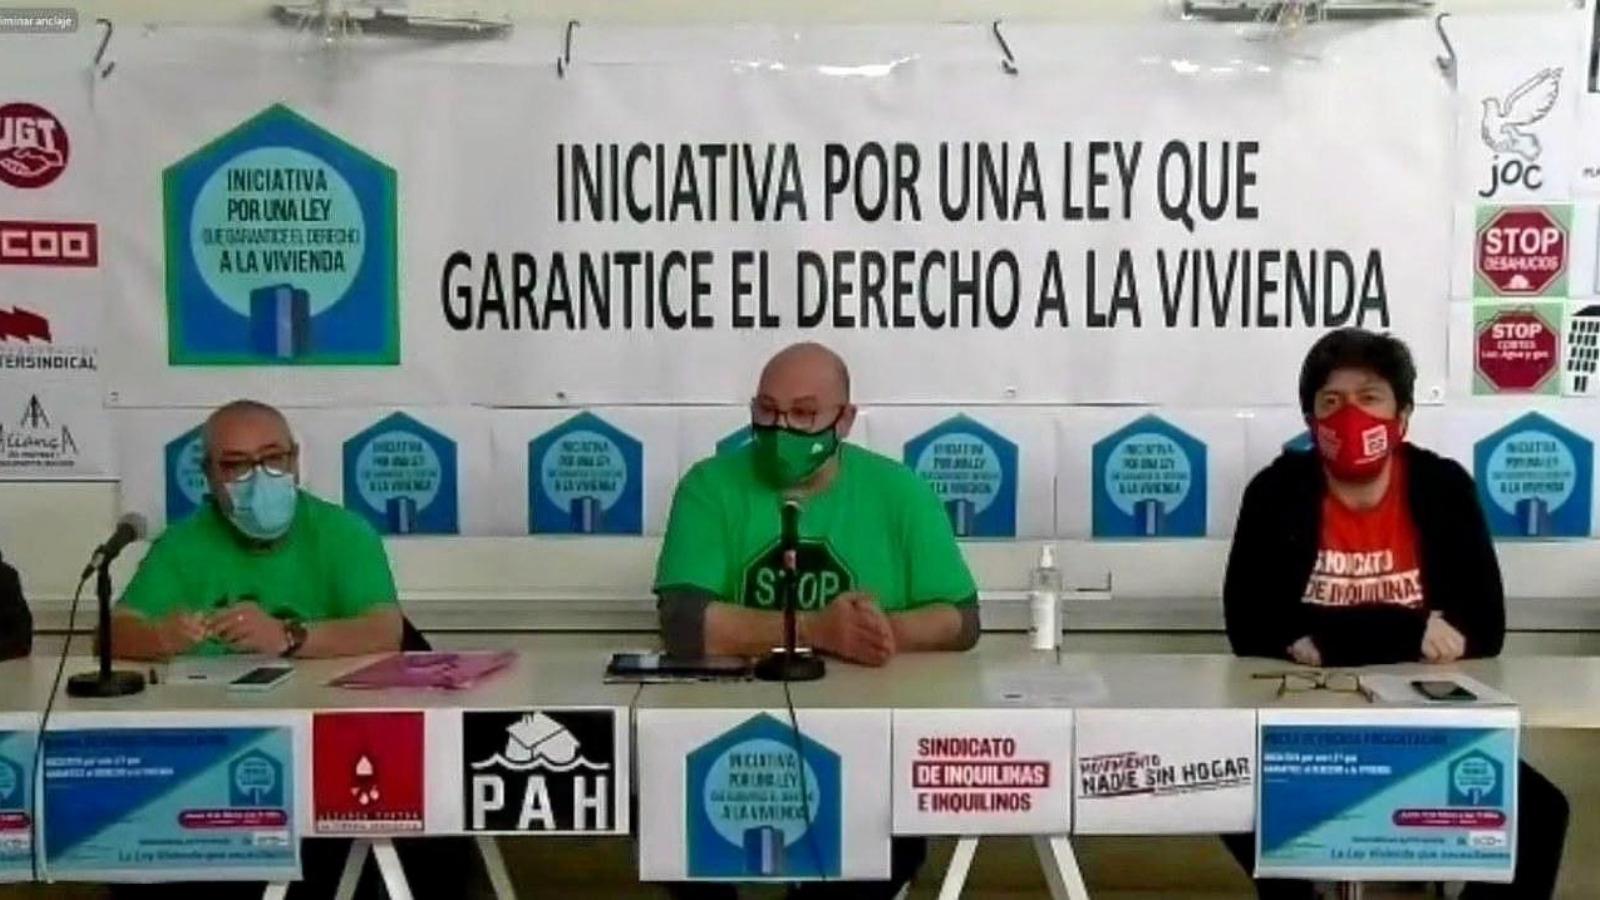 [Manifiesto] Iniciativa por una Ley que Garantice el Derecho a la Vivienda